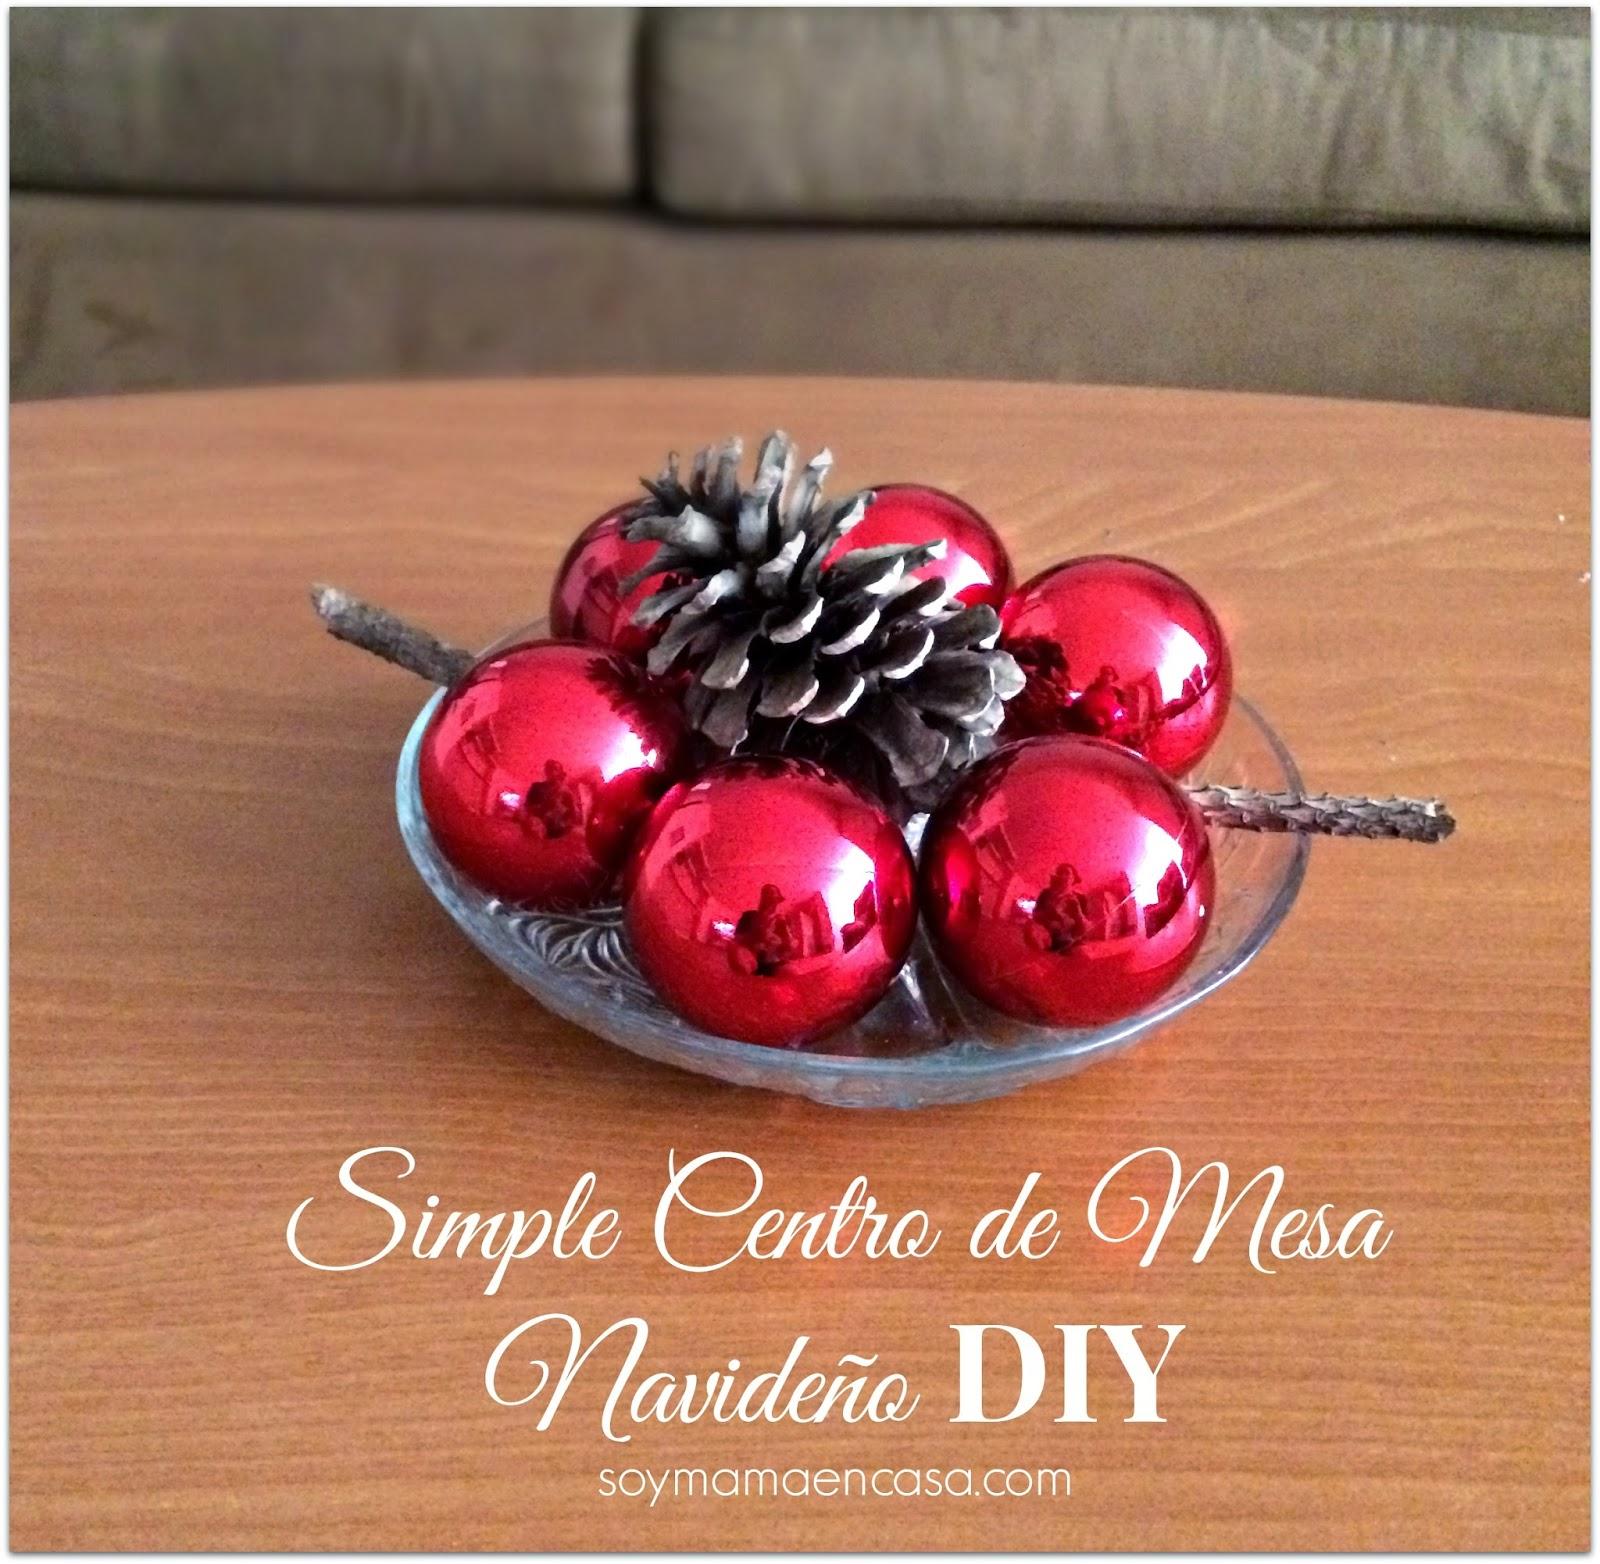 Centro de mesa navide o diy soy mam en casa - Centros navidad caseros ...